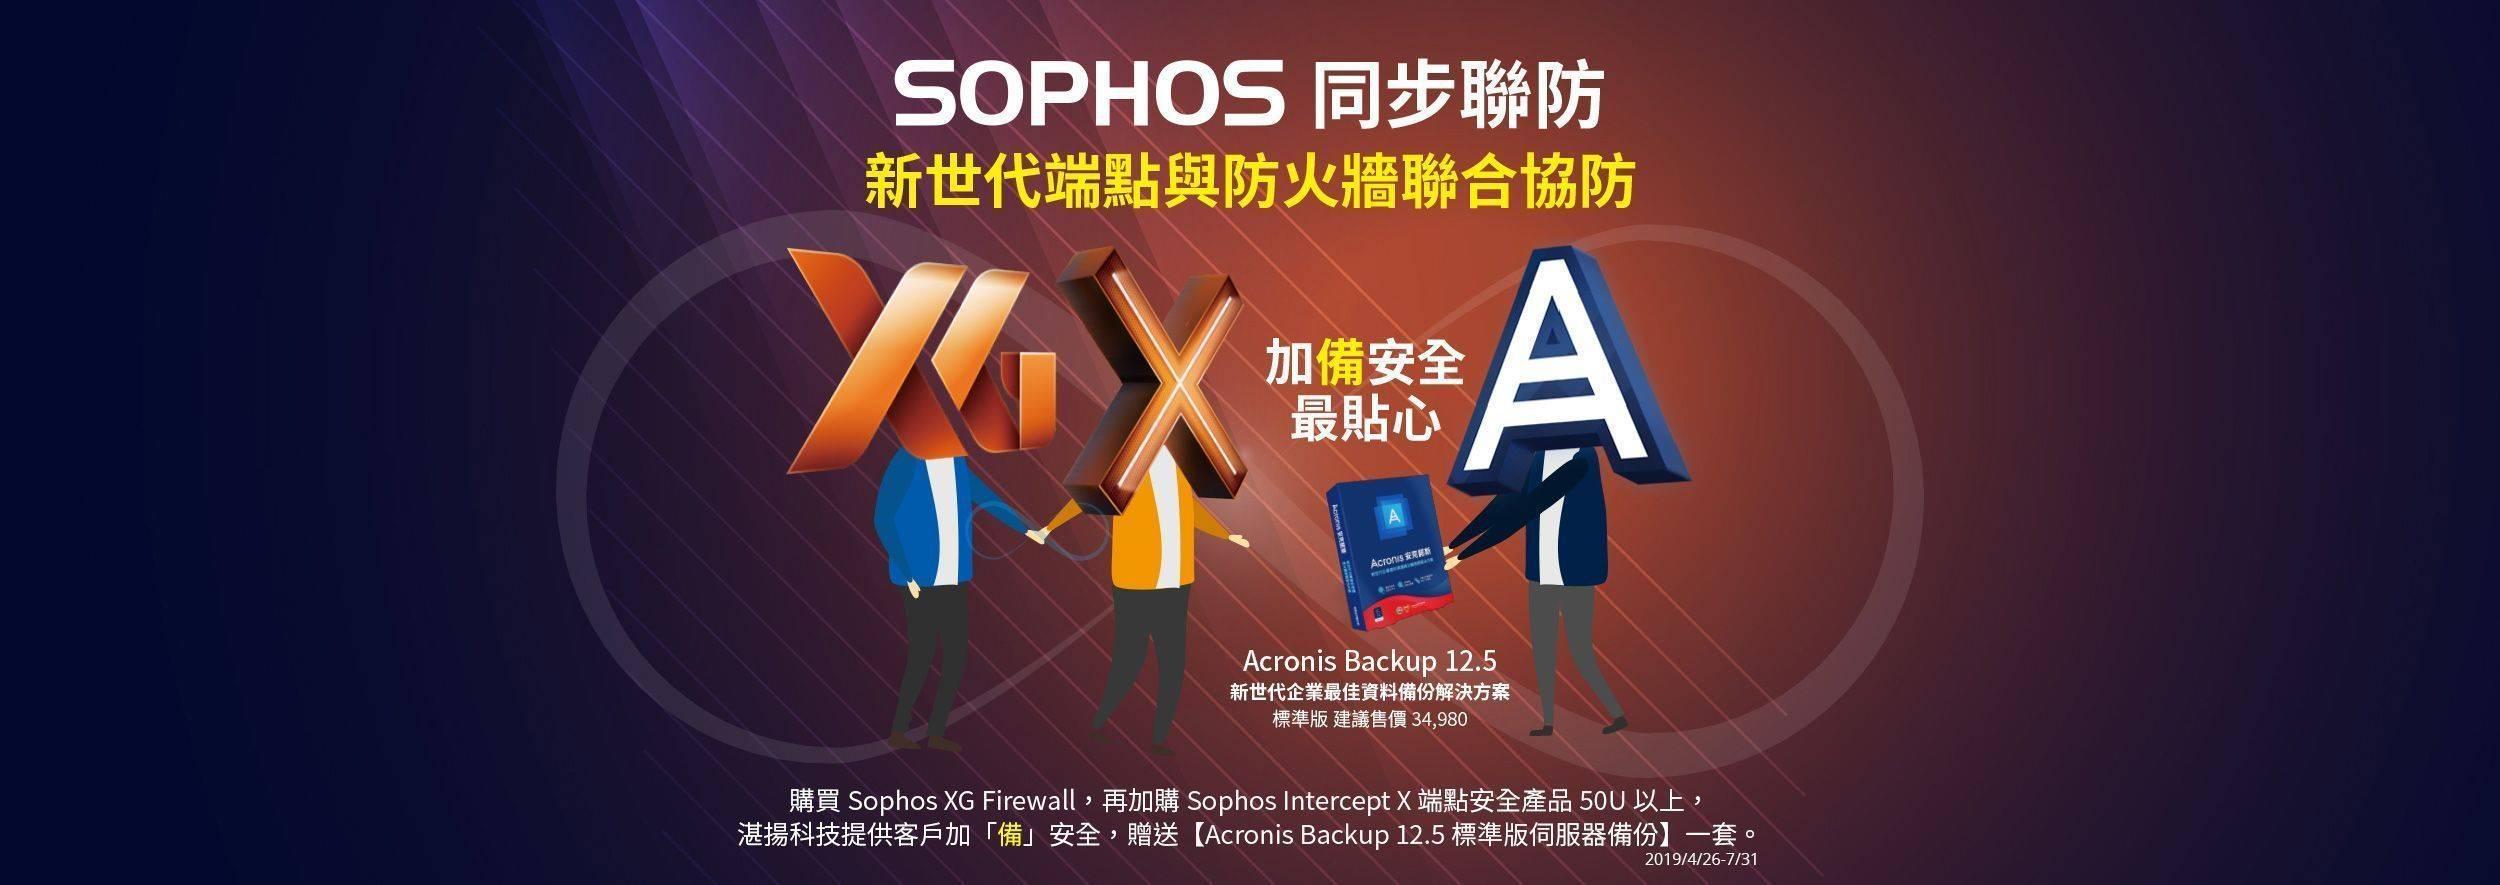 Sophos 同步聯防 加備安全